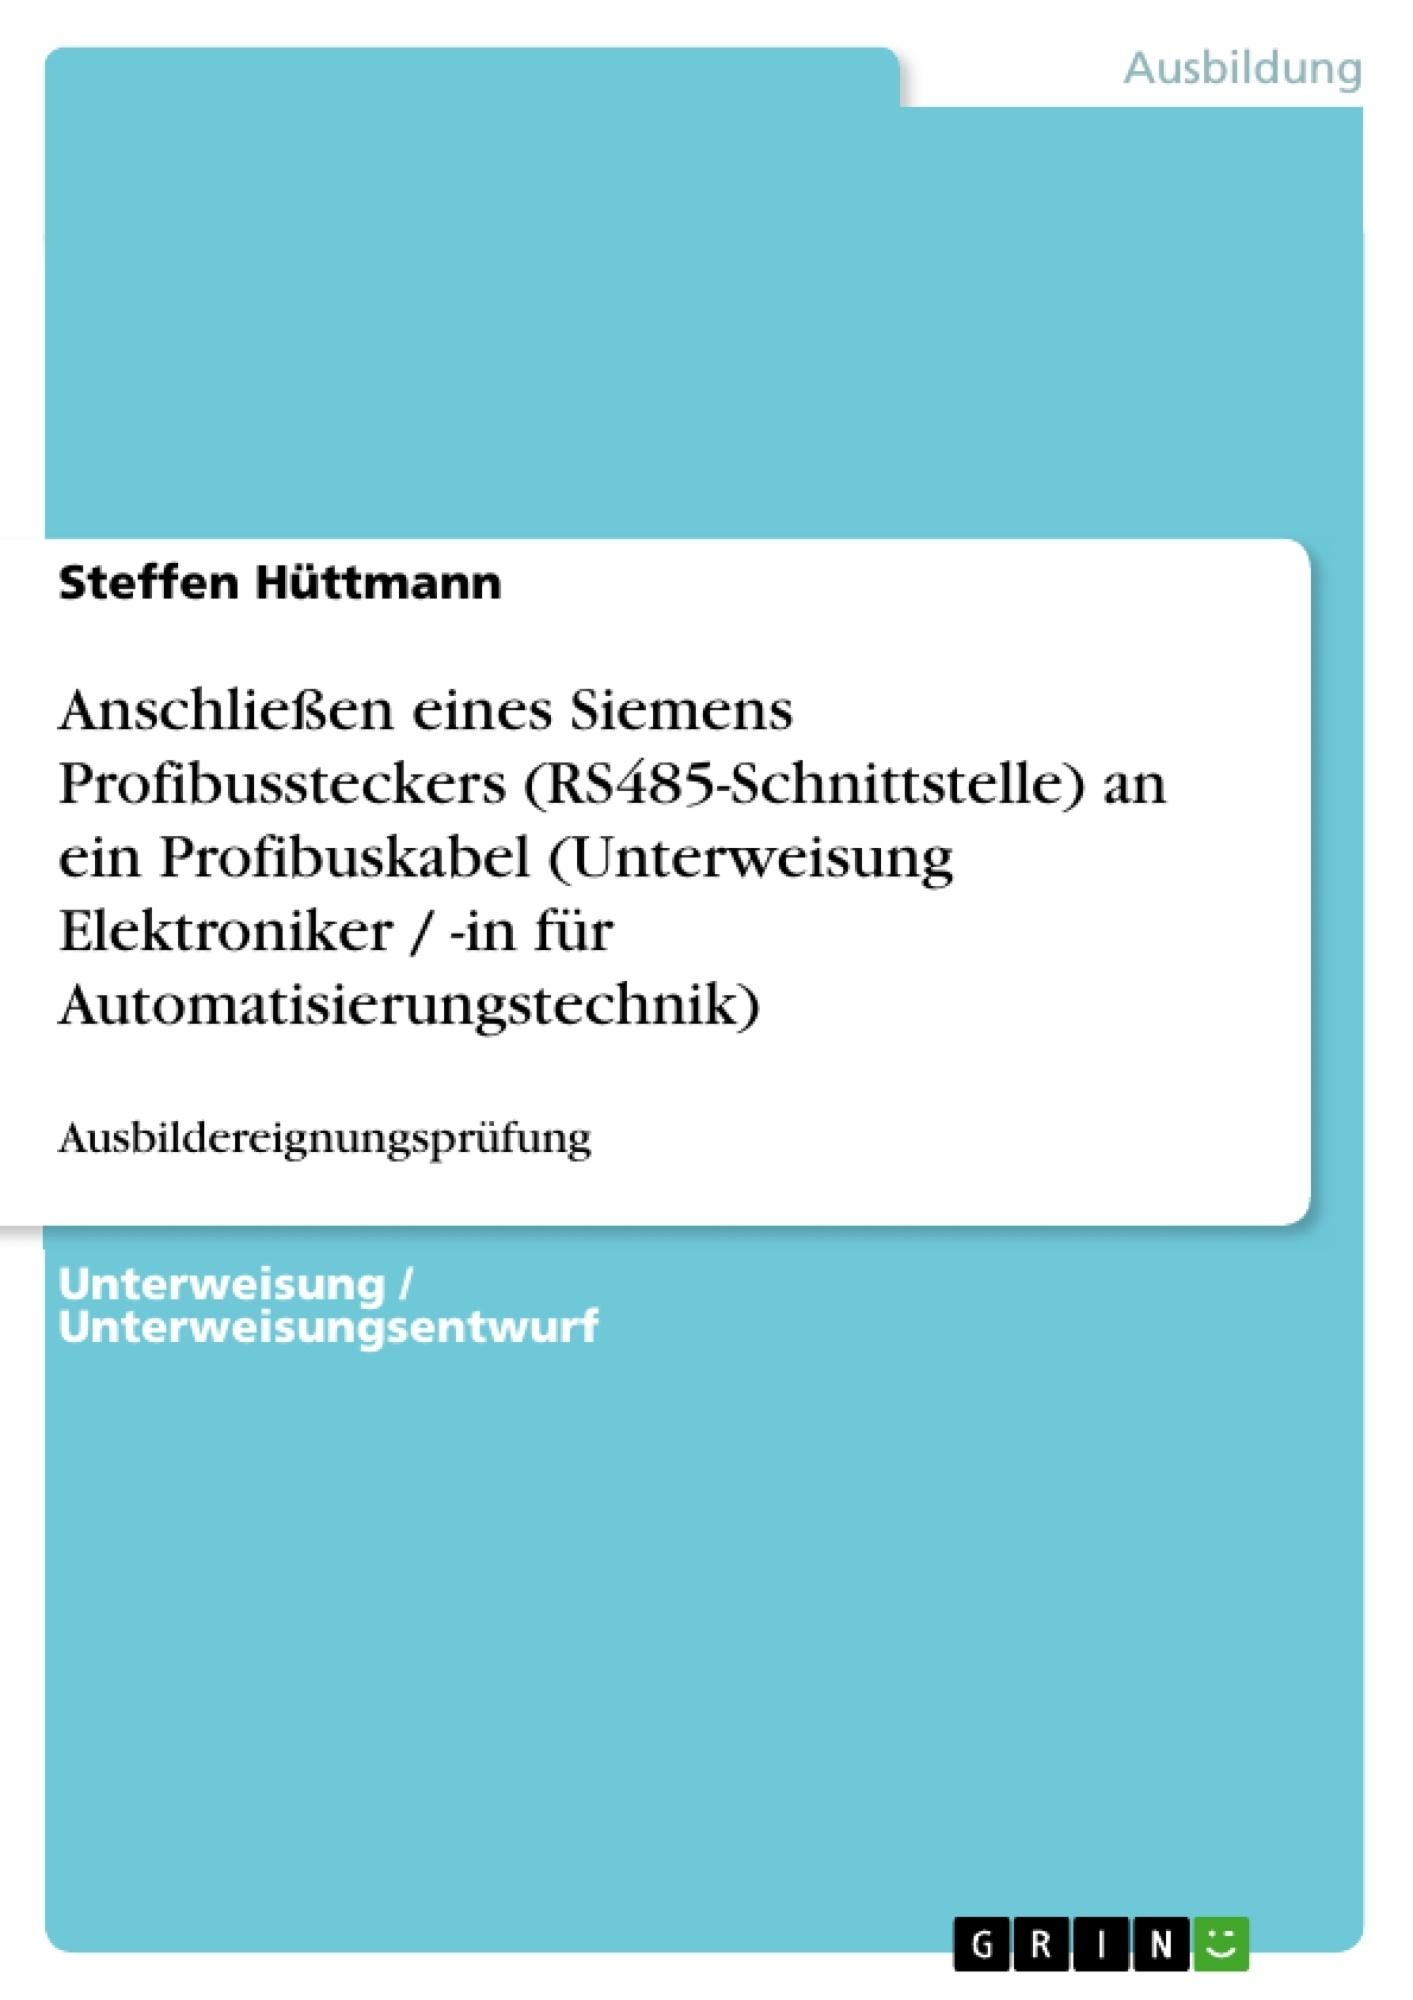 Titel: Anschließen eines Siemens Profibussteckers (RS485-Schnittstelle) an ein Profibuskabel (Unterweisung Elektroniker / -in für Automatisierungstechnik)